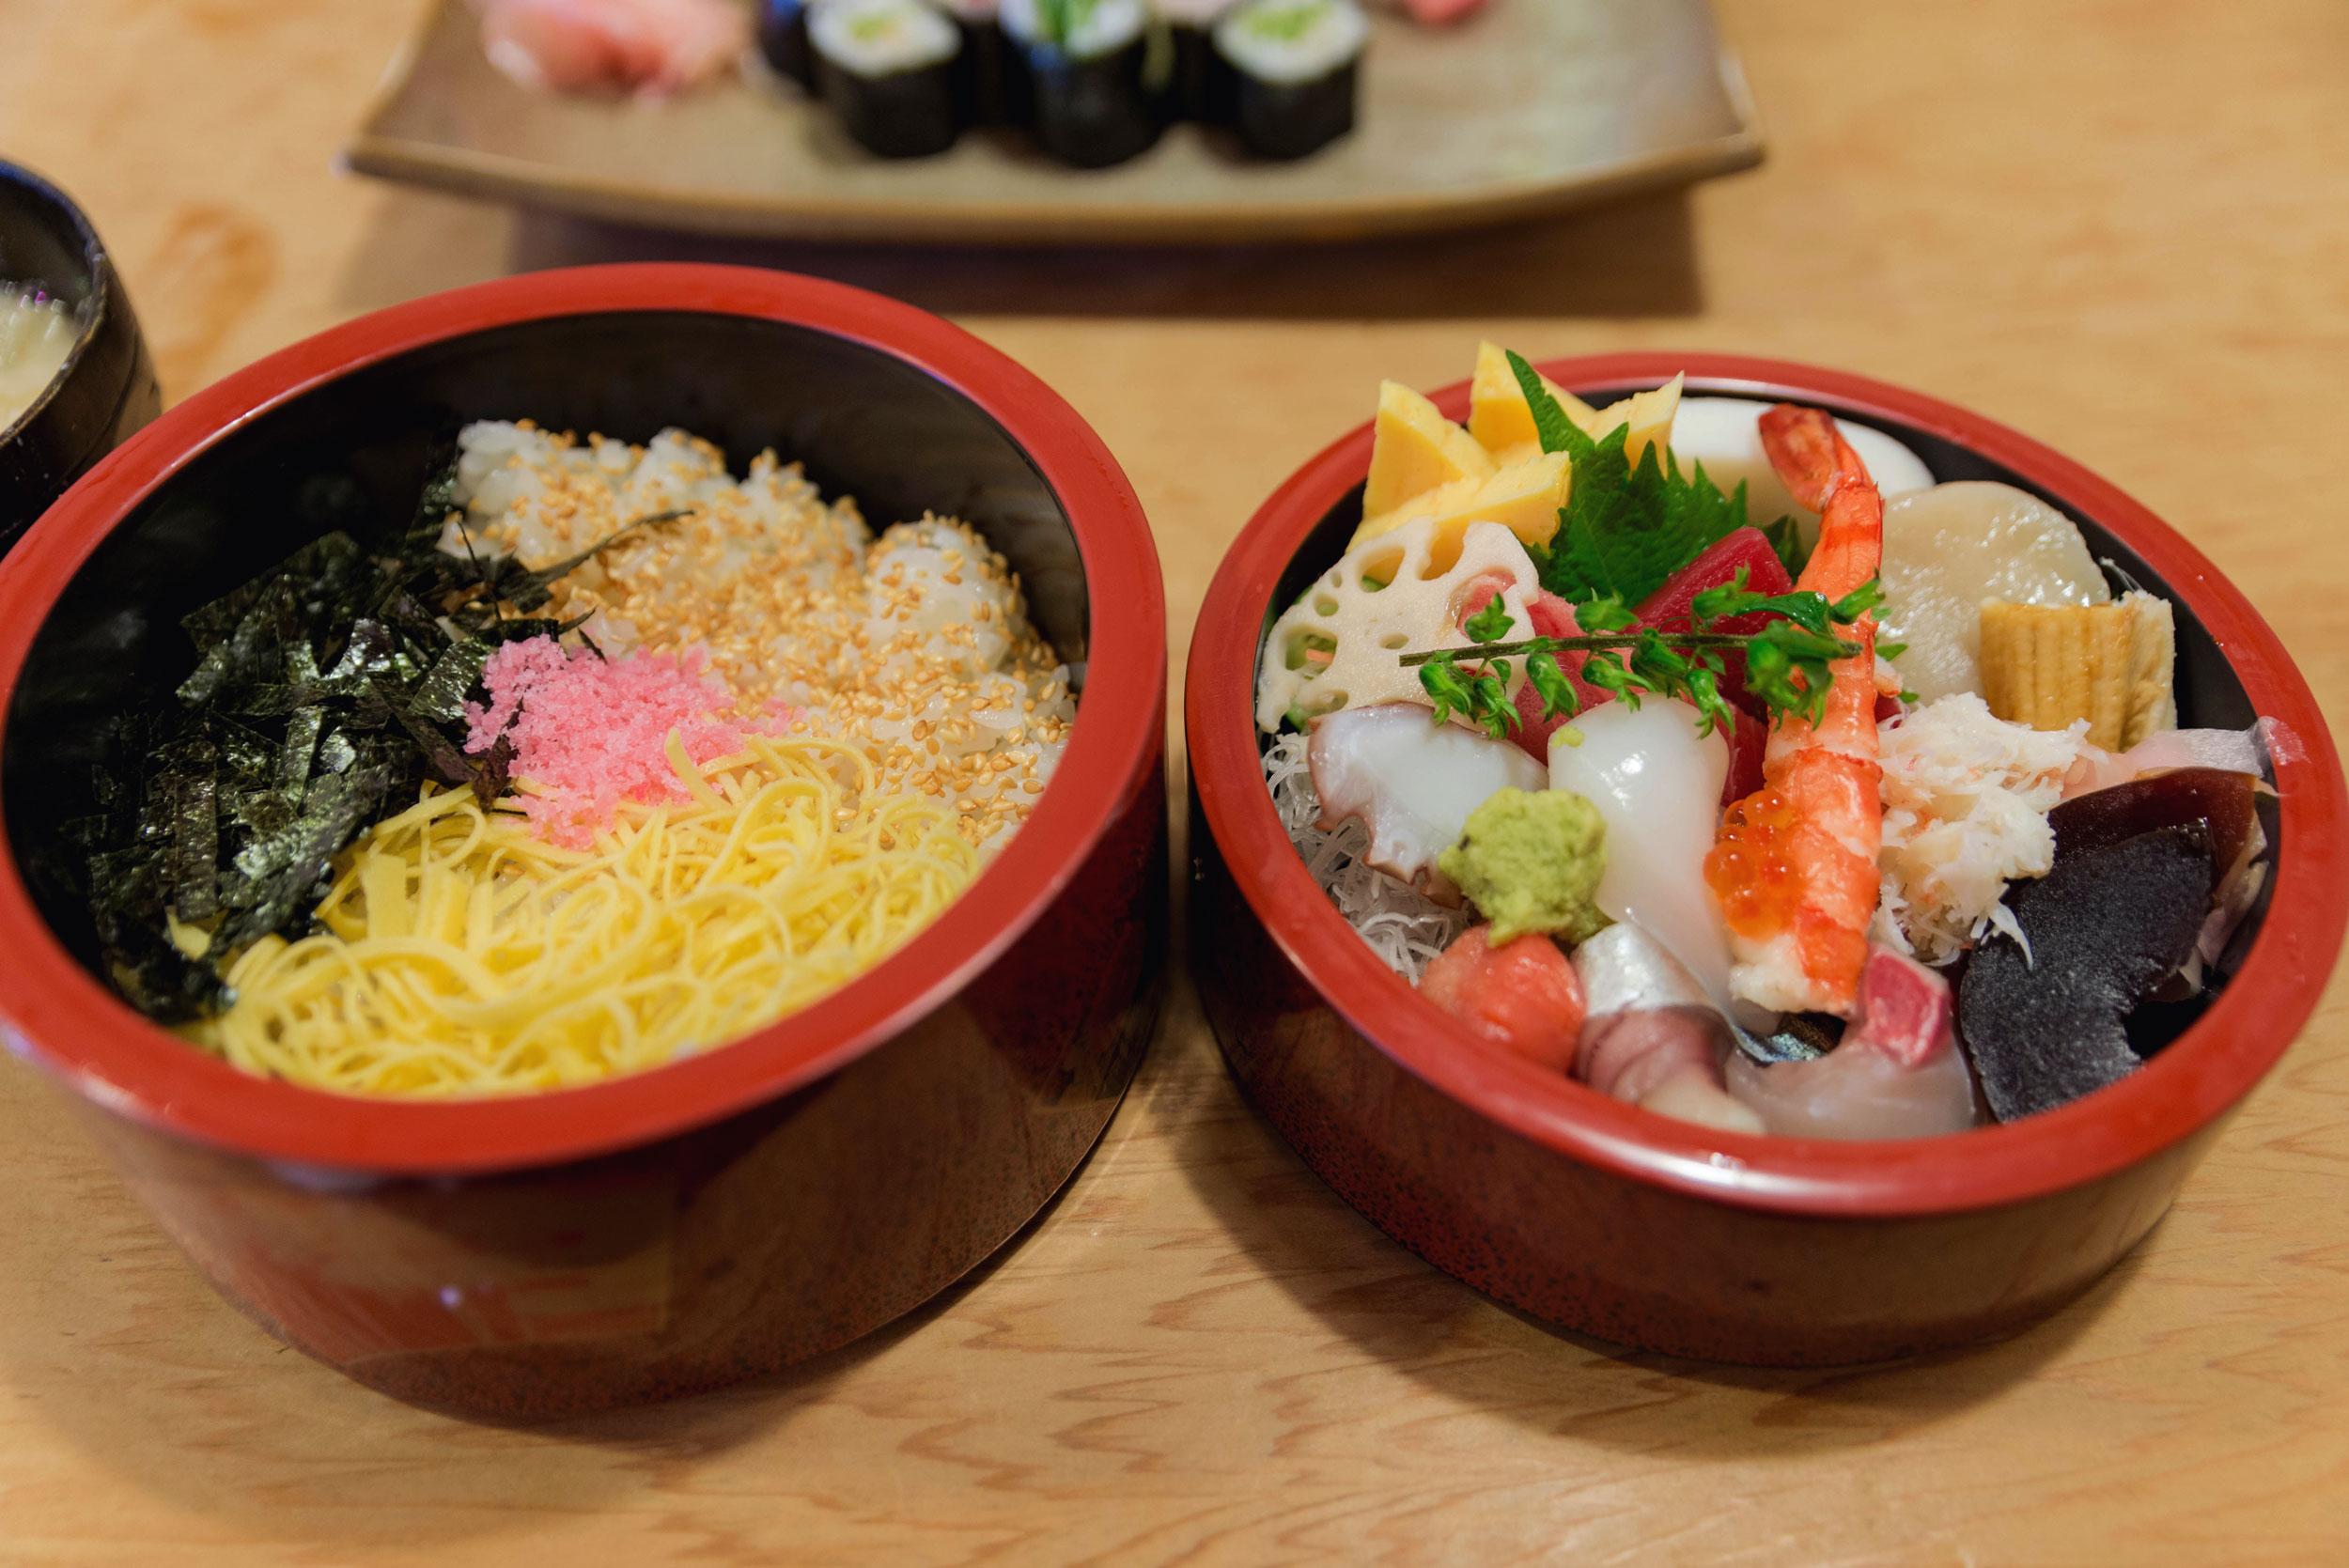 kamakura-kohana-sushi-02.jpg